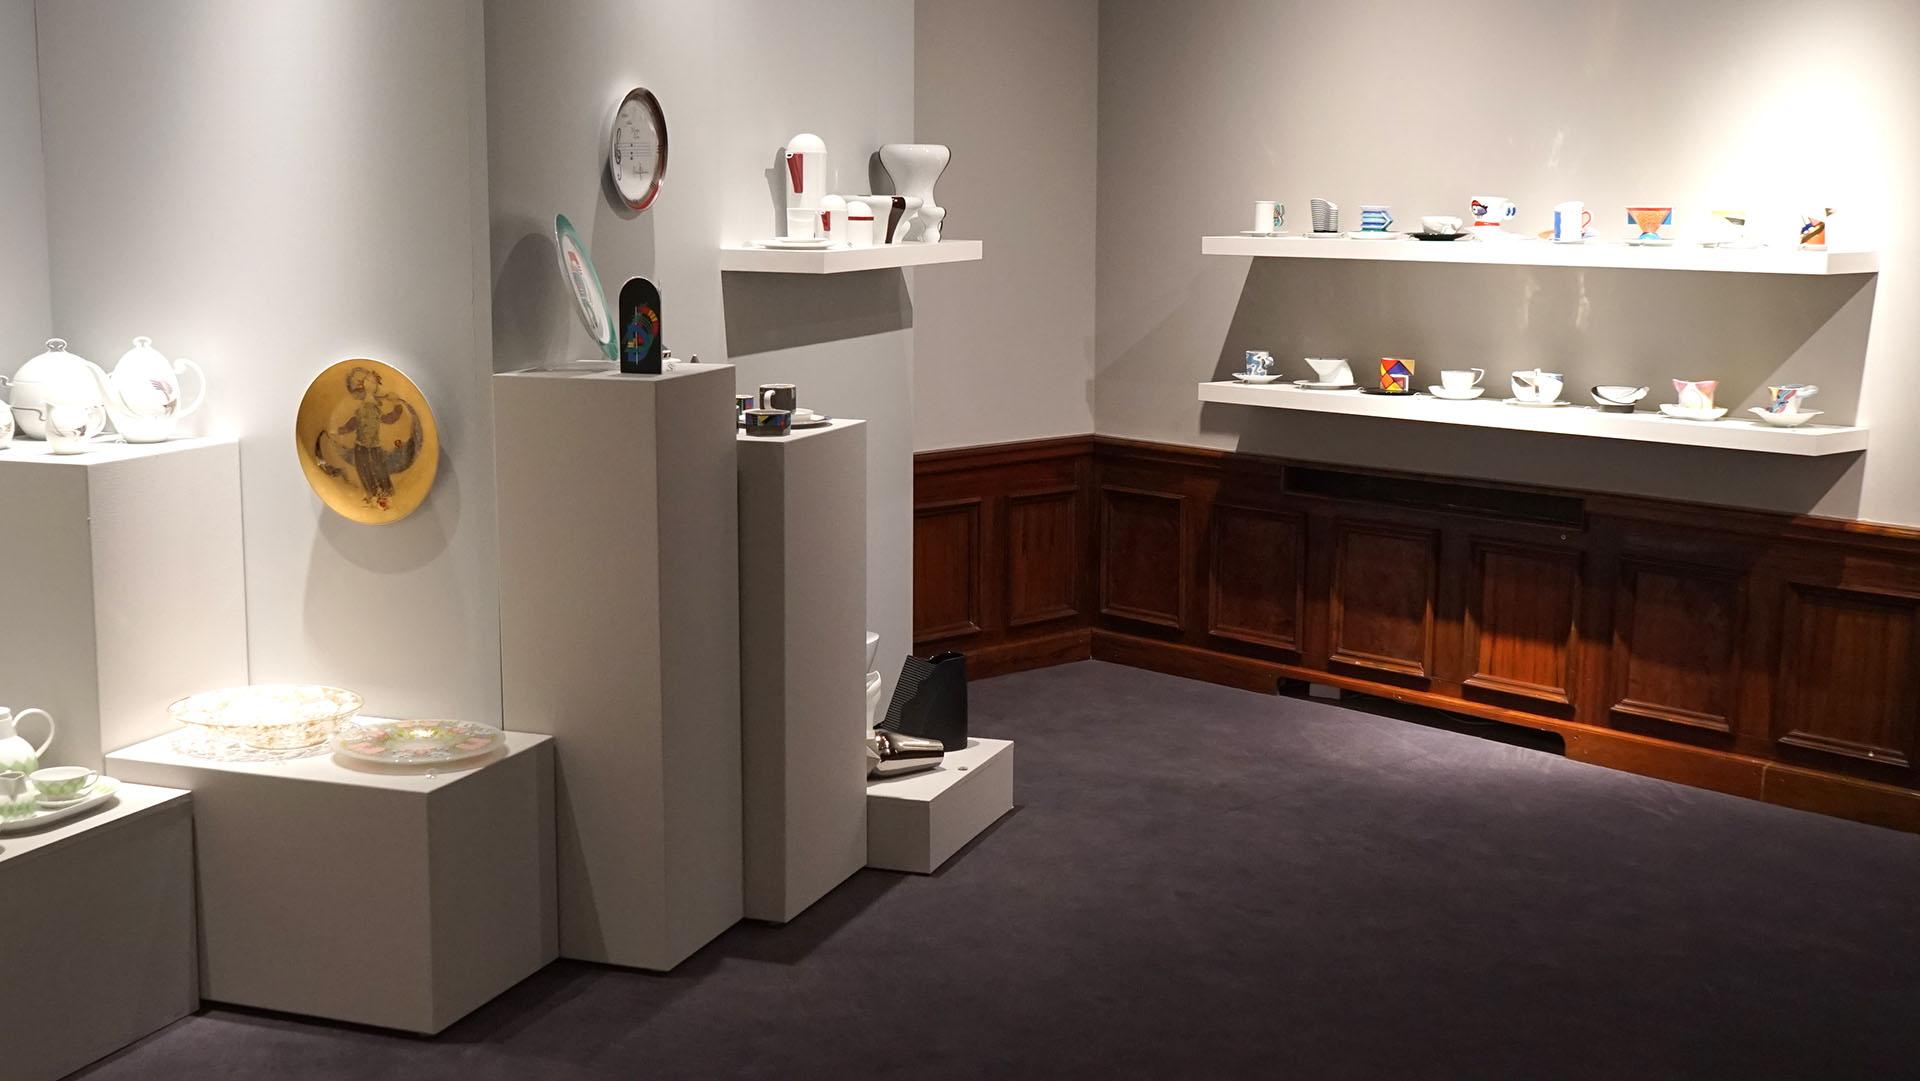 Wyroby porcelanowe Rosenthal - wystawa Muzeum w Gliwicach